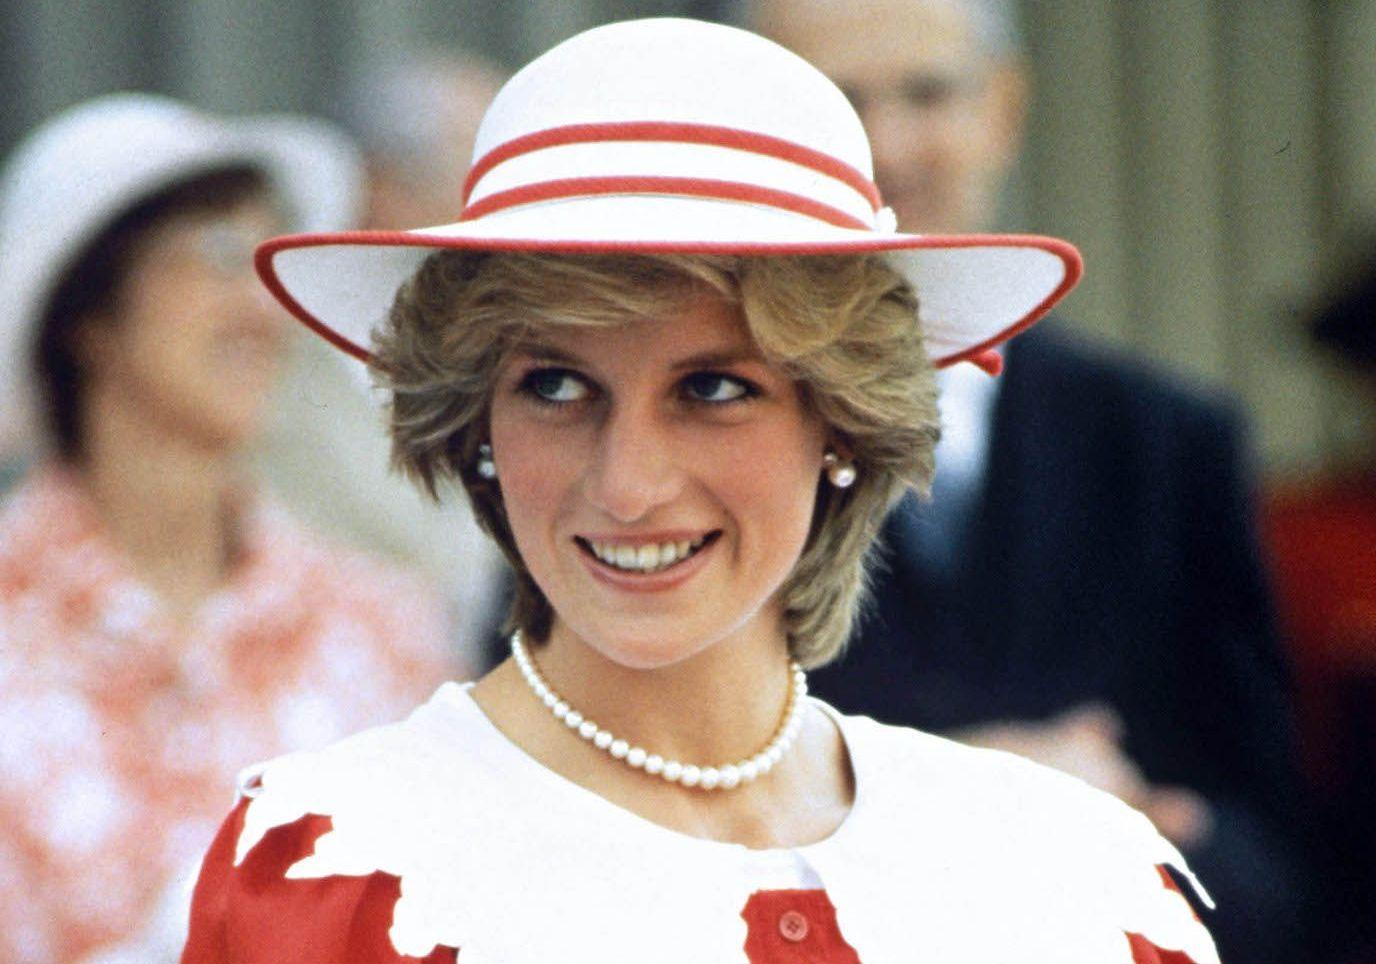 « J'espère qu'elle est heureuse » : les confidences de Charles Spencer sur sa sœur Lady Di - Elle